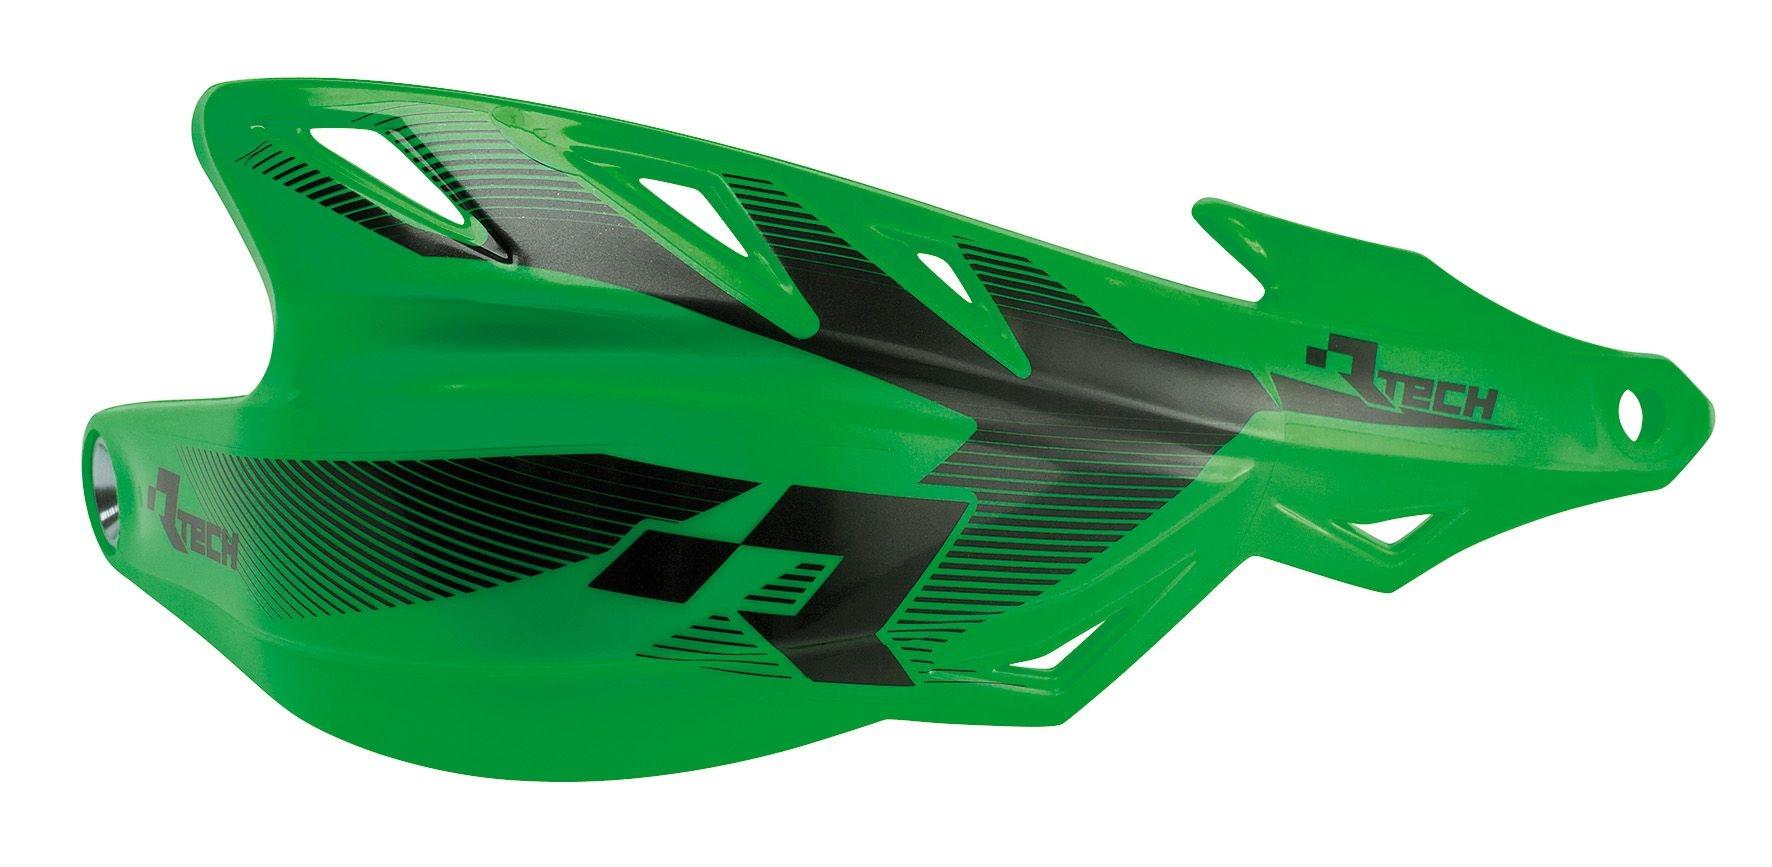 Protège-mains Racetech Raptor Vertes